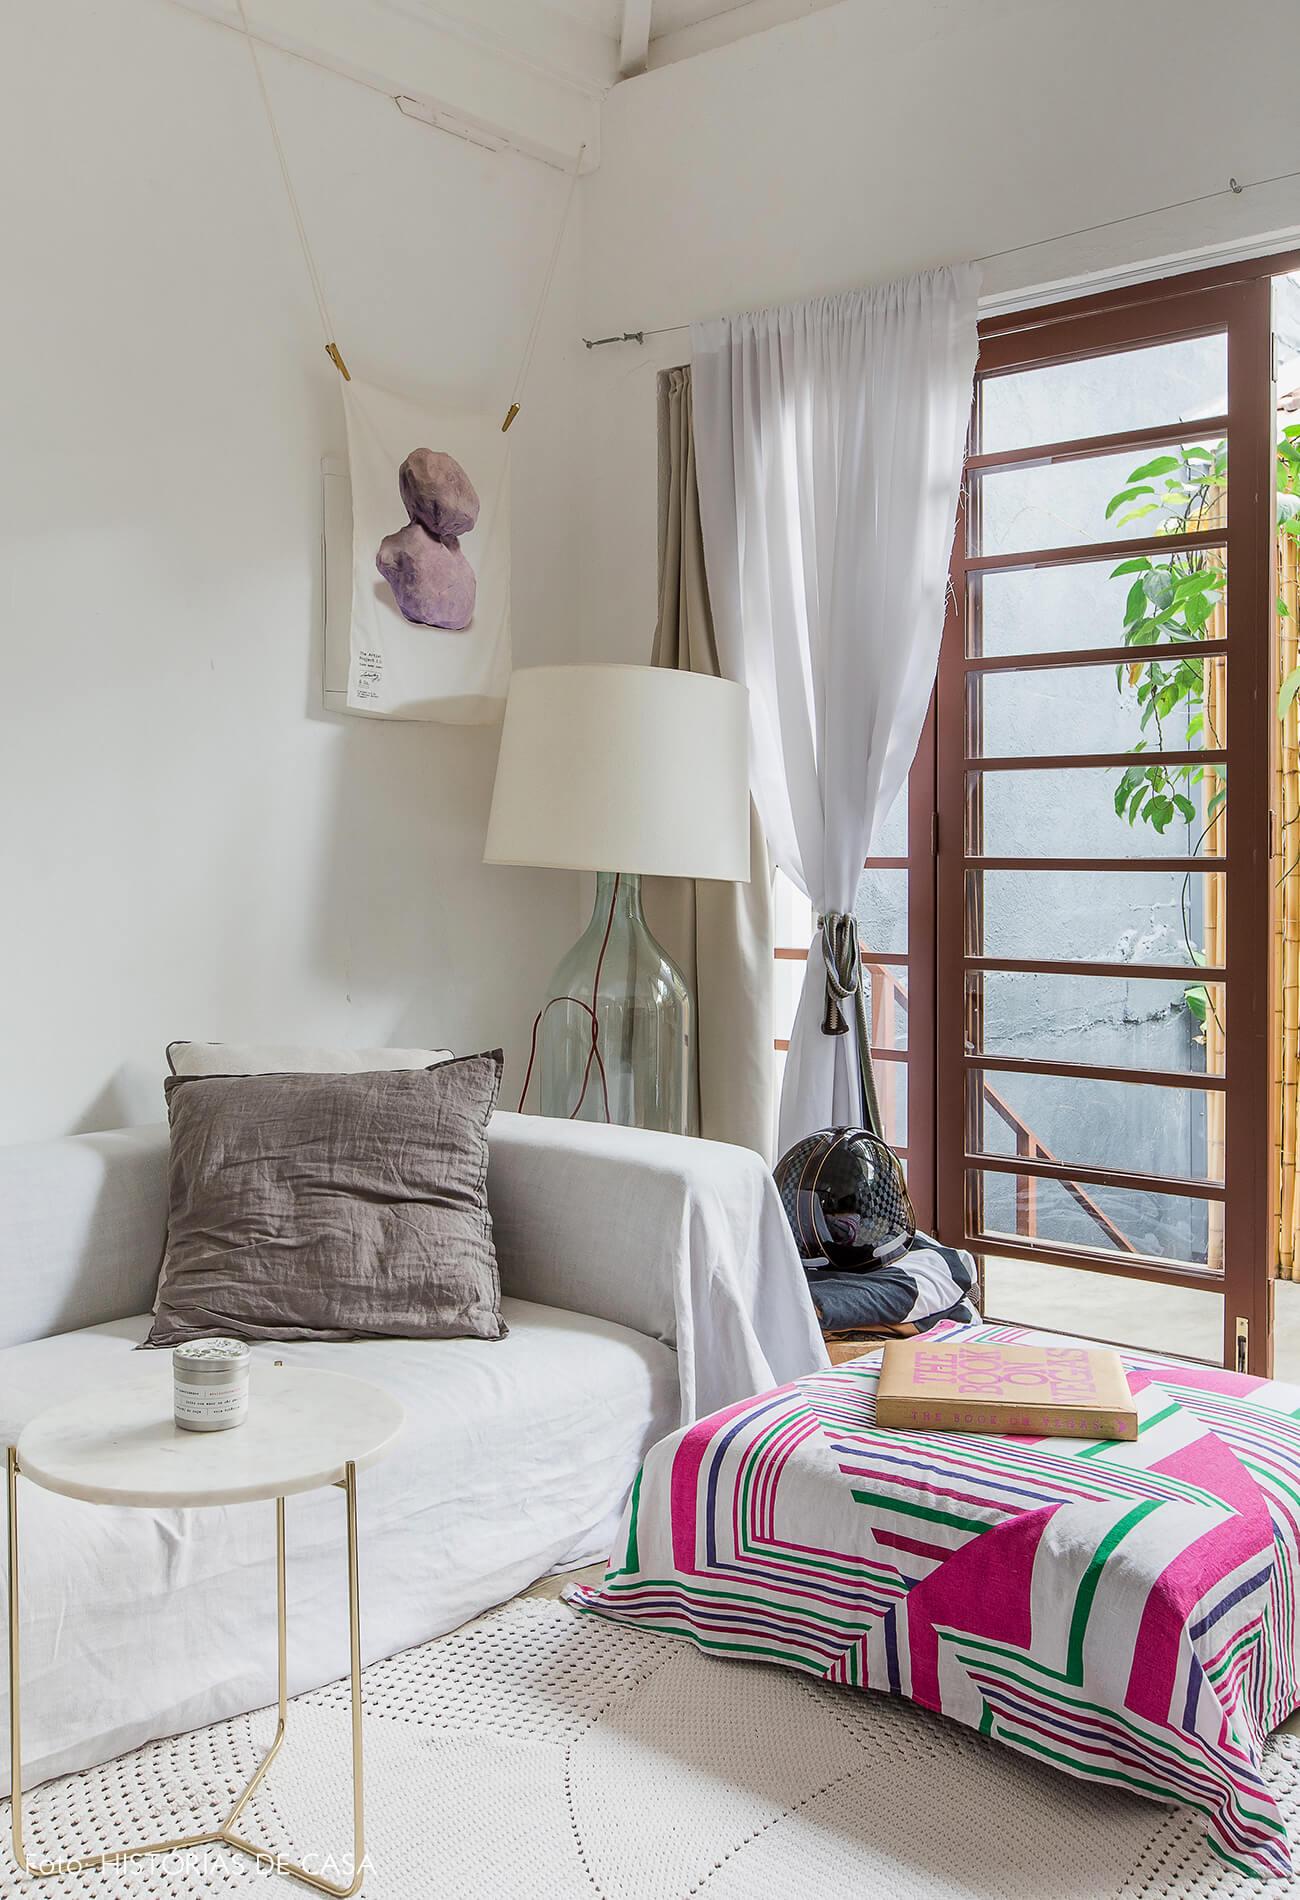 Sala com sofá branco com capa e pufe estampado